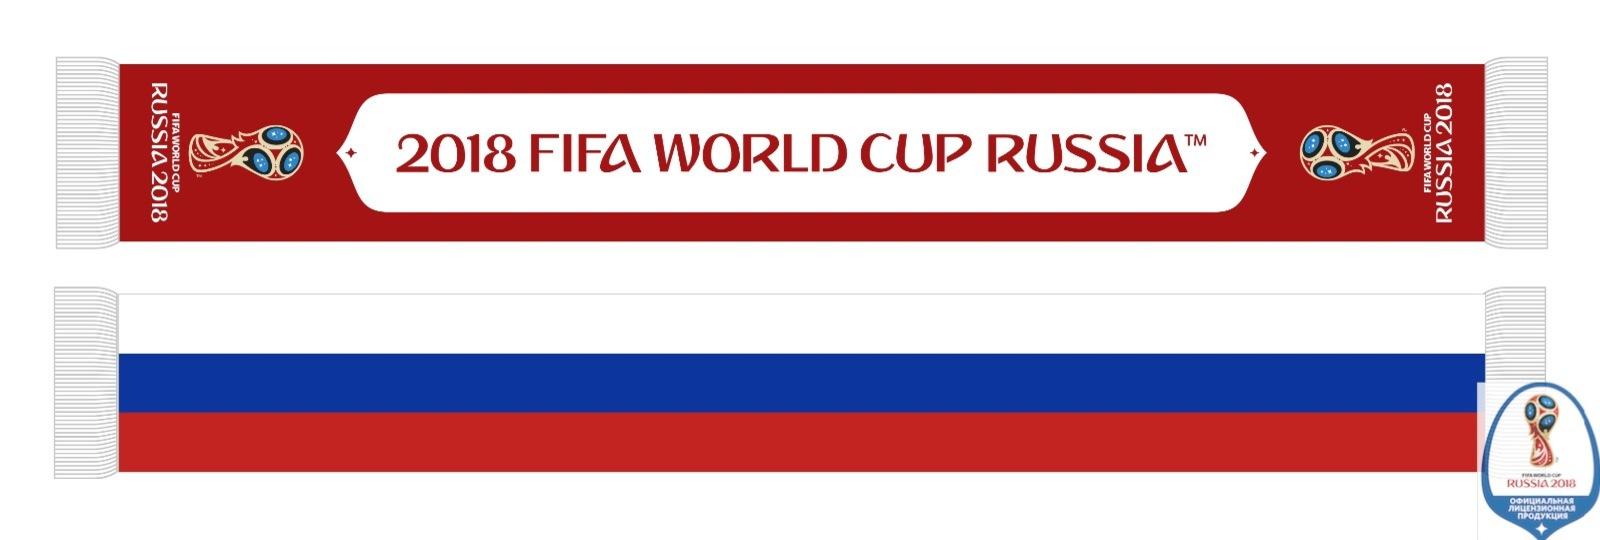 Шарфы Россия в разных вариантахЦена от 324 руб.Размер:135*17,5 см100% п/э или 100% акрил.